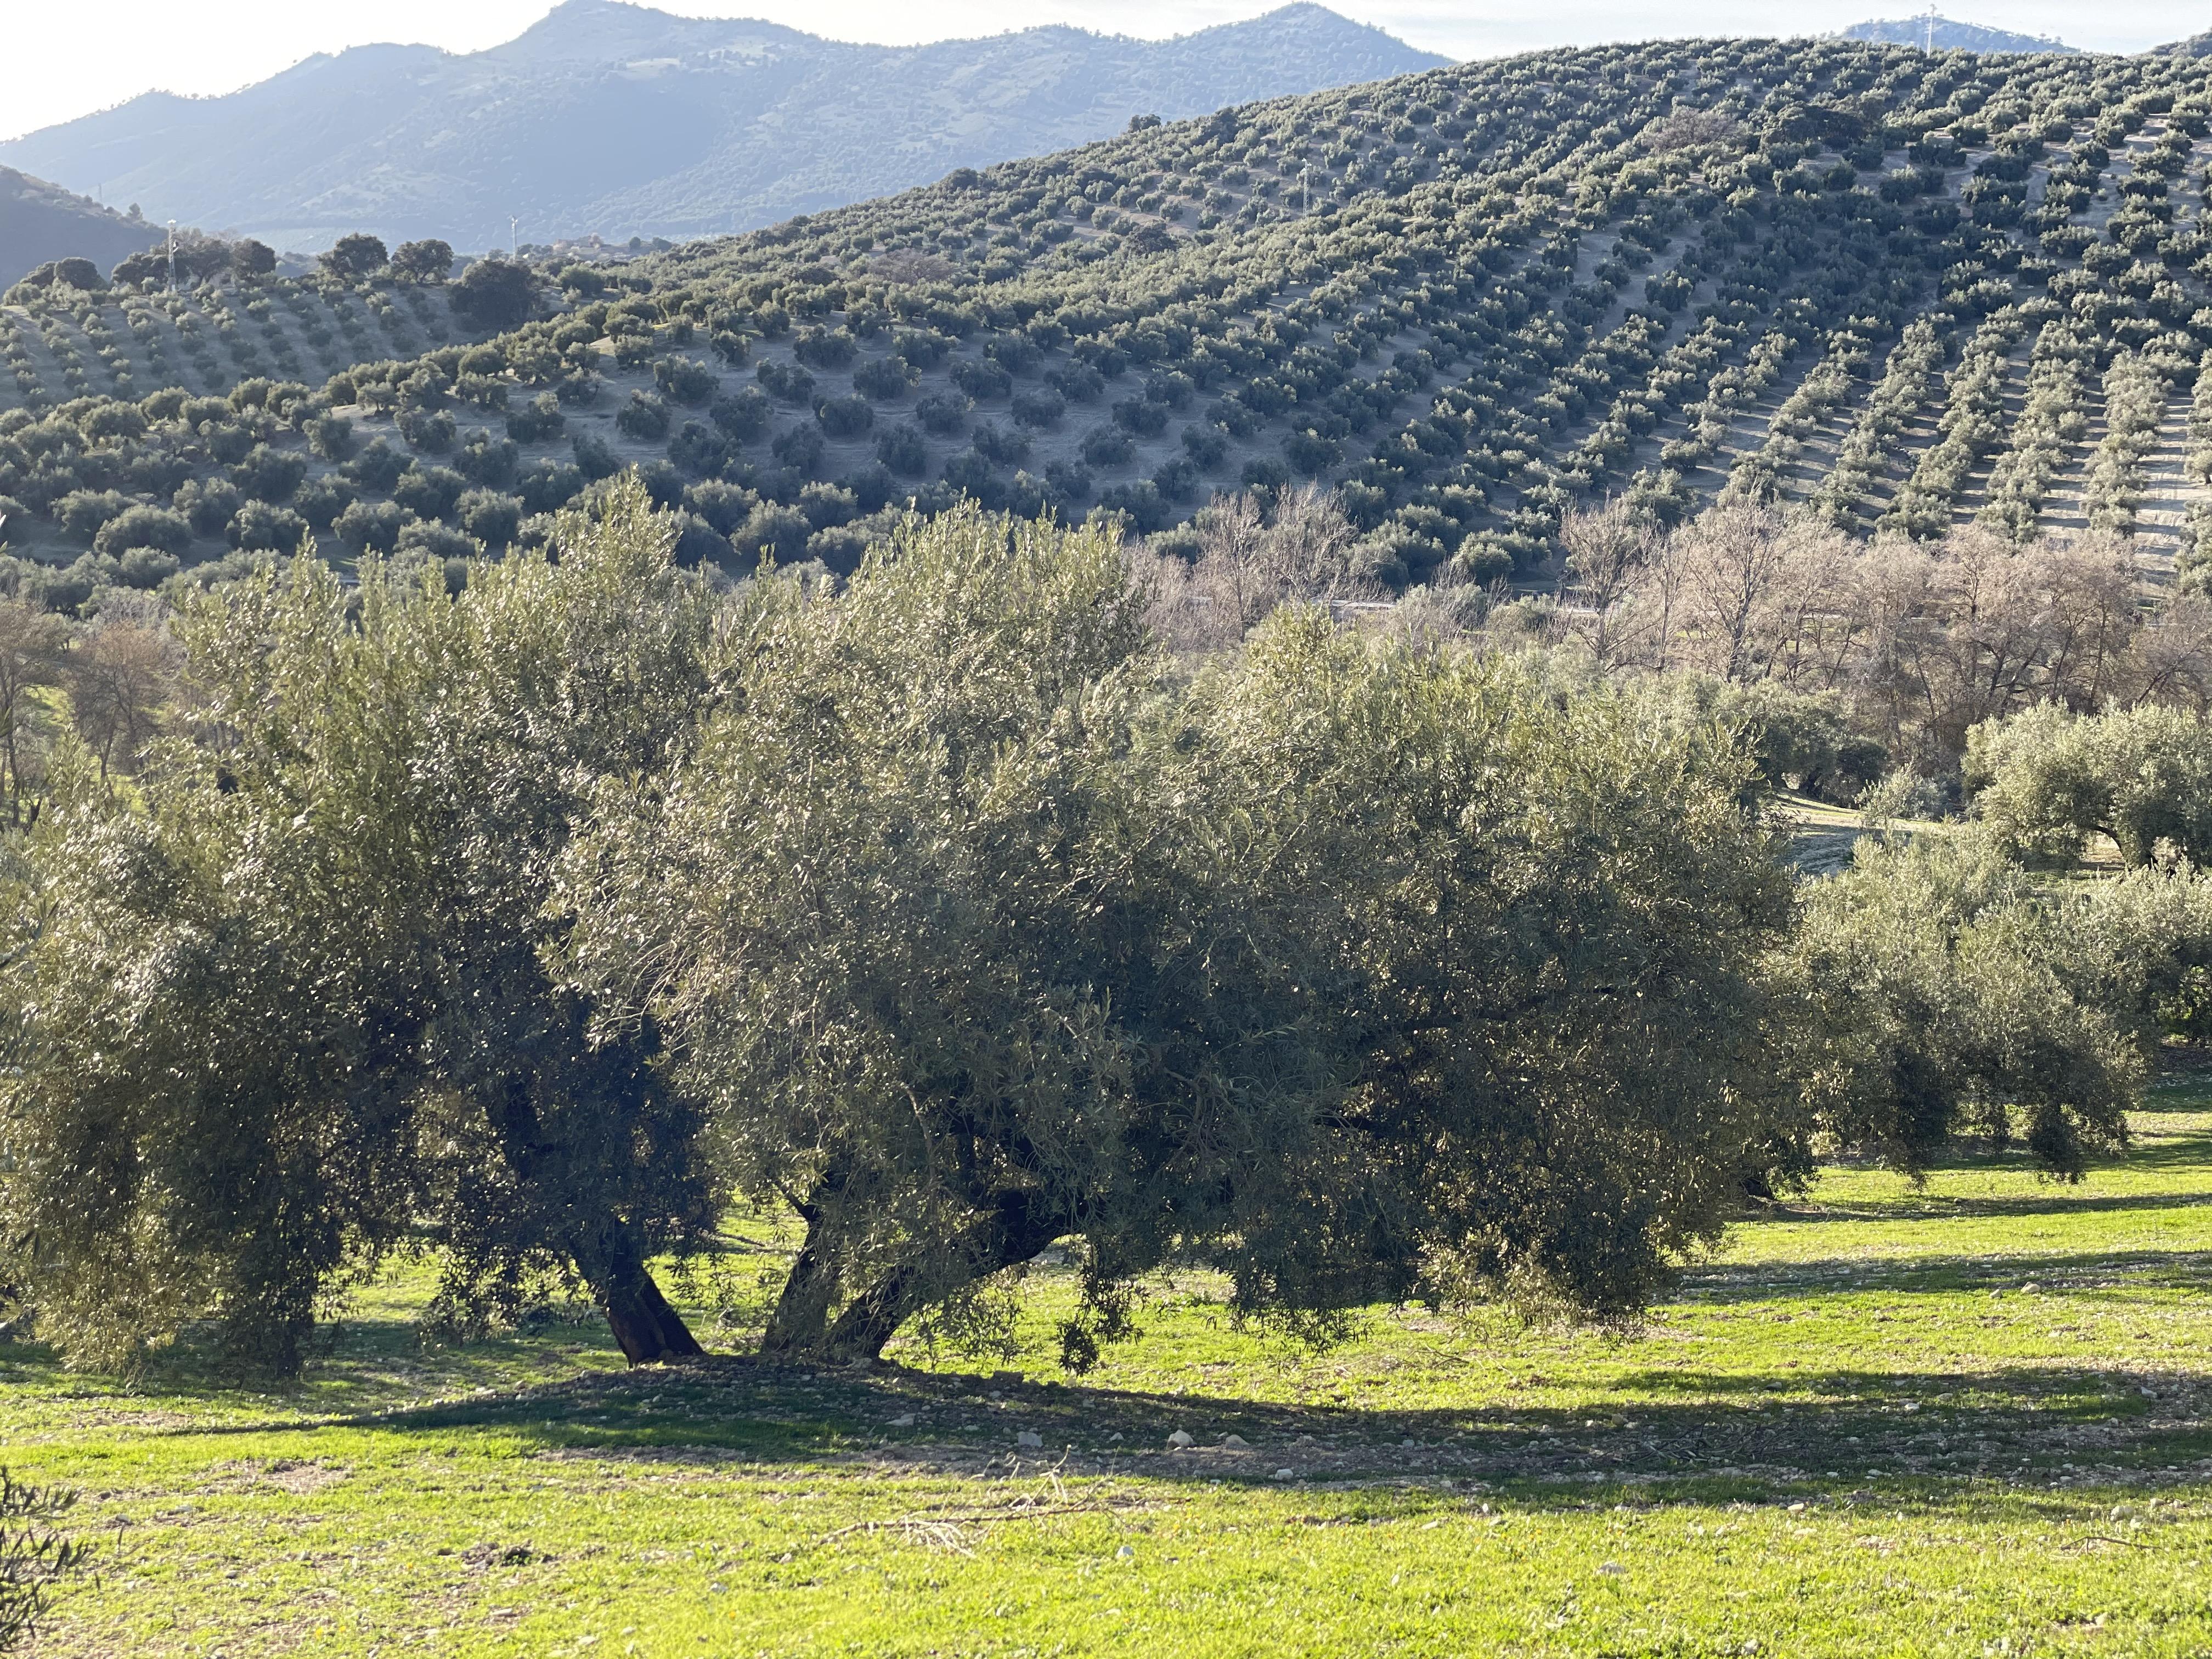 Zona llana a pie de sierra donde los olivos son grandes y el terreno en plena sierra de la subbética cordobesa